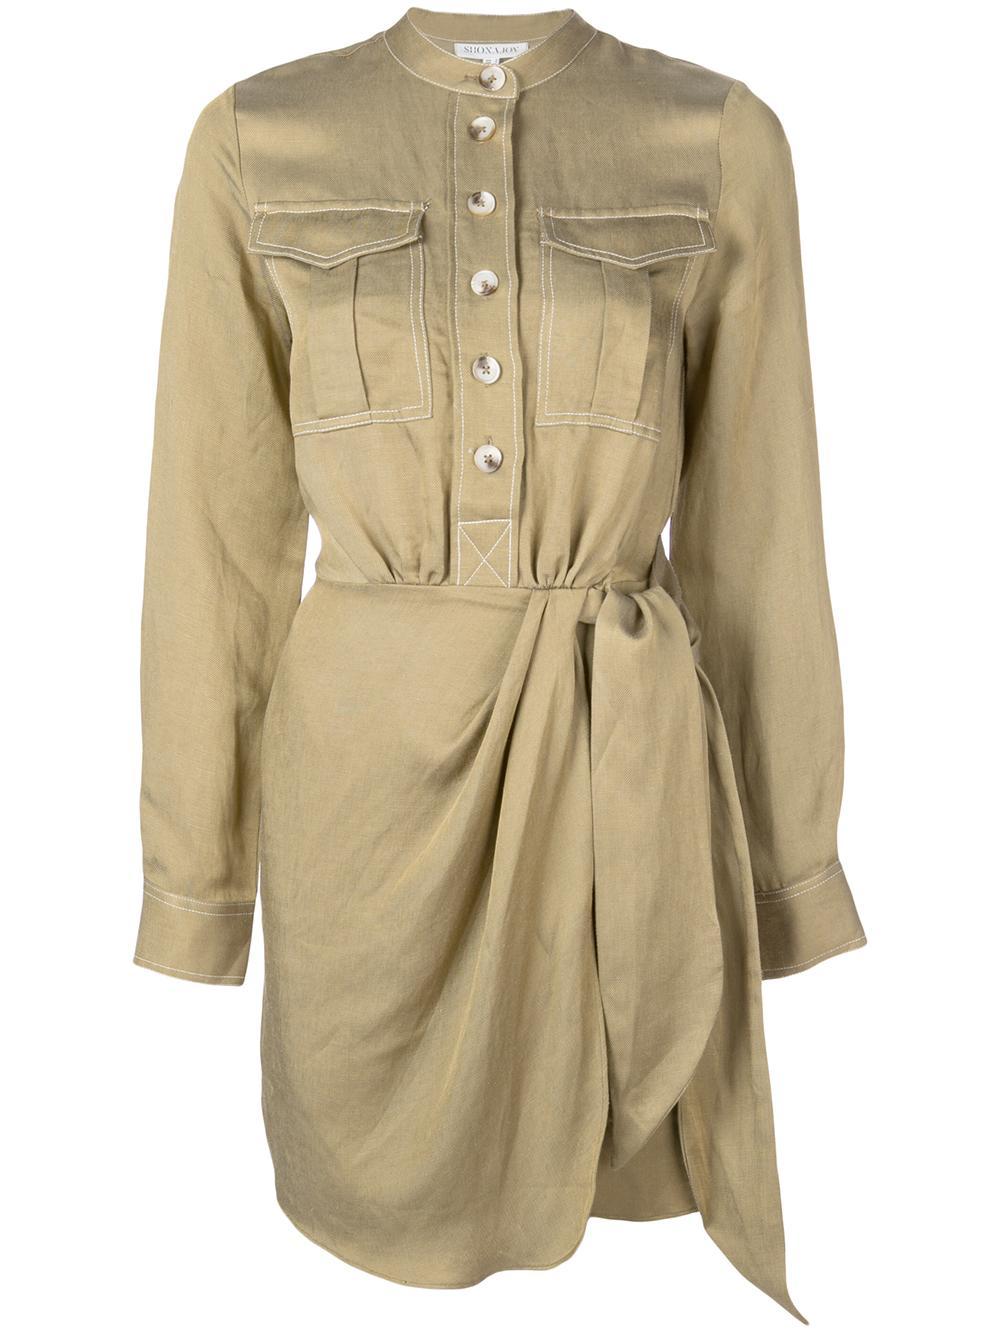 Ellington Draped Mono Shirt Dress Item # SJ4452